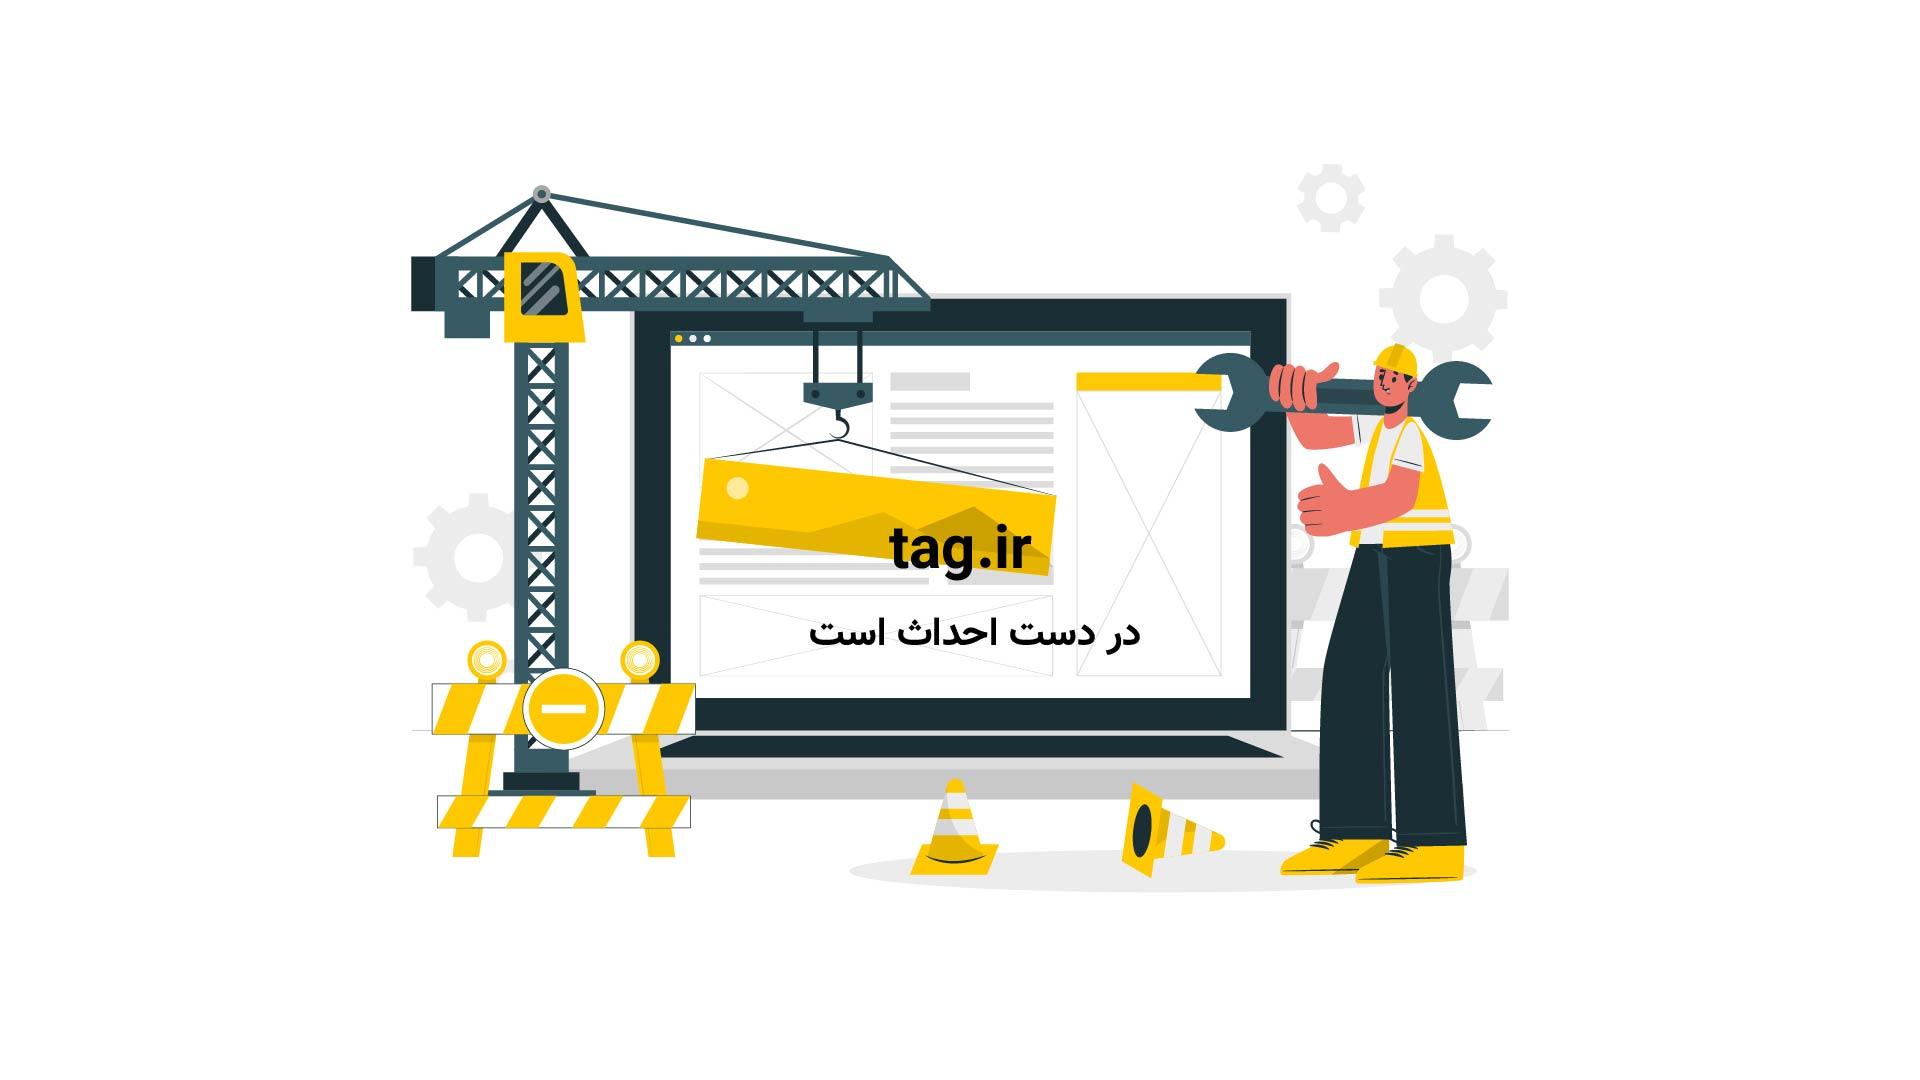 انیمیشن کوکو | تگ